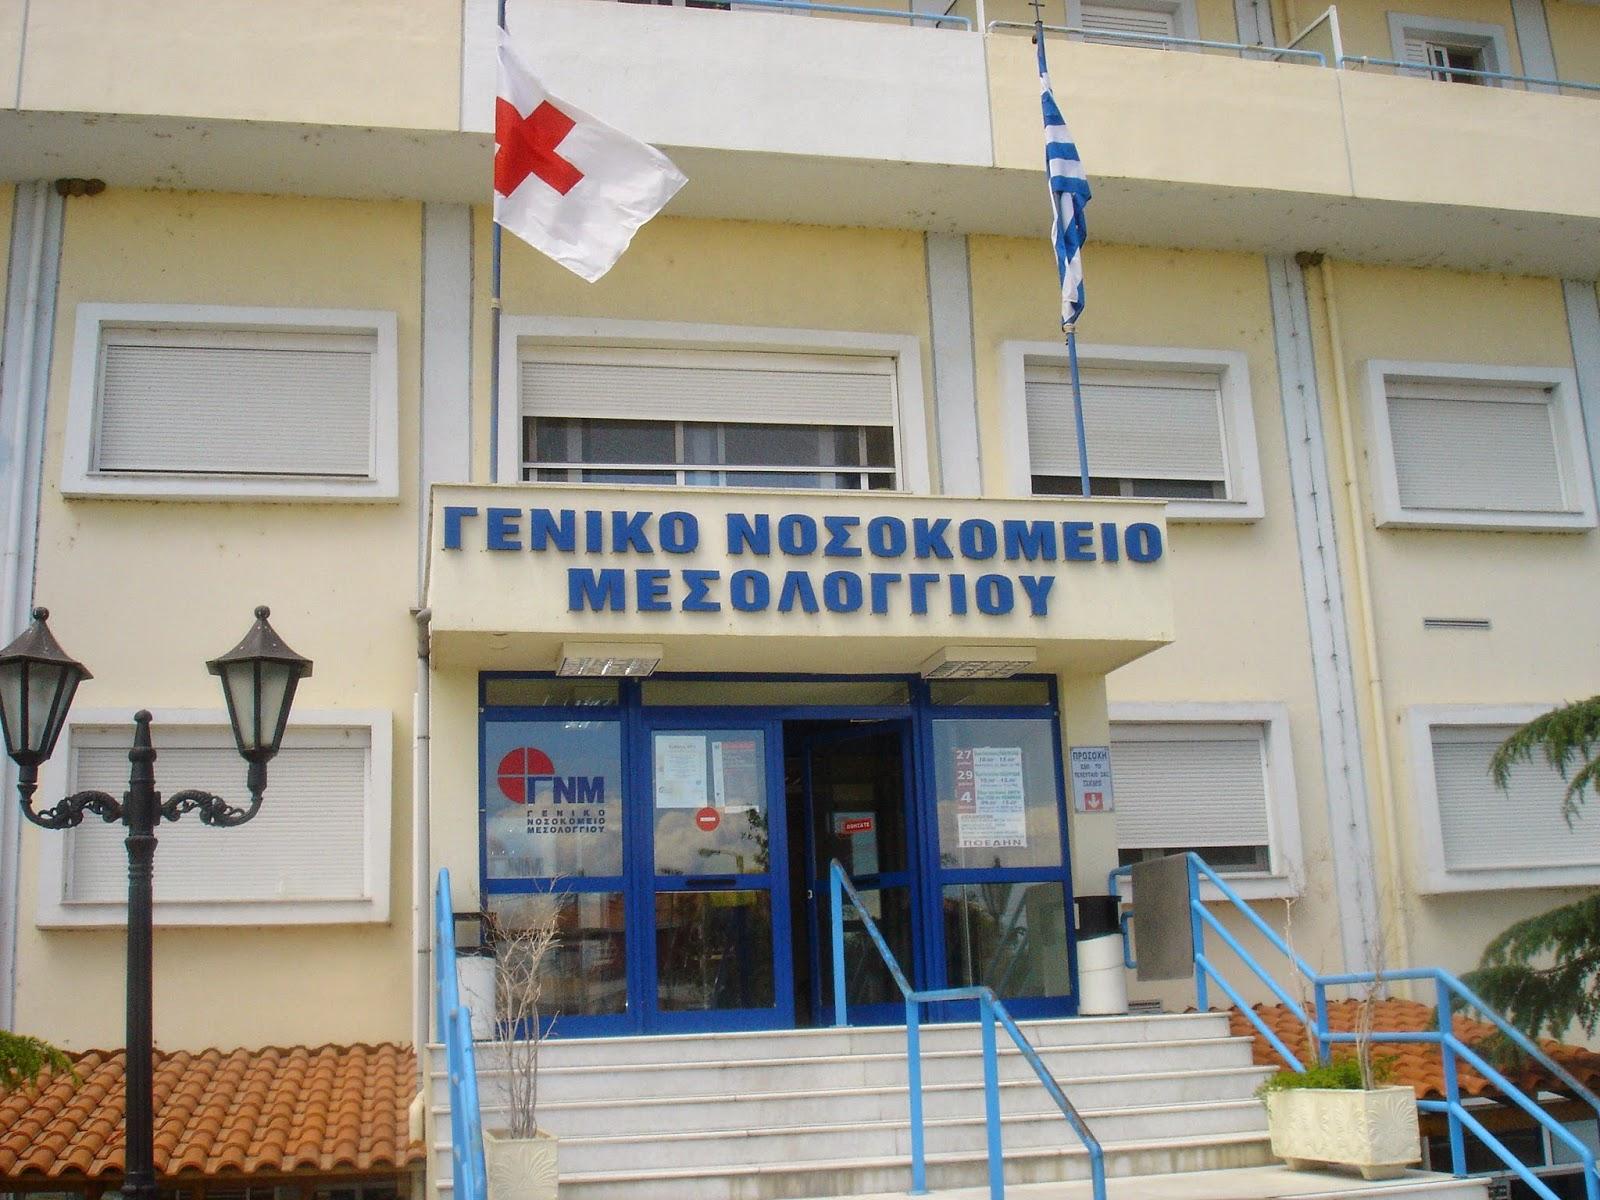 Δεσμεύσεις Κουρουμπλή για το Νοσοκομείο Μεσολογγίου